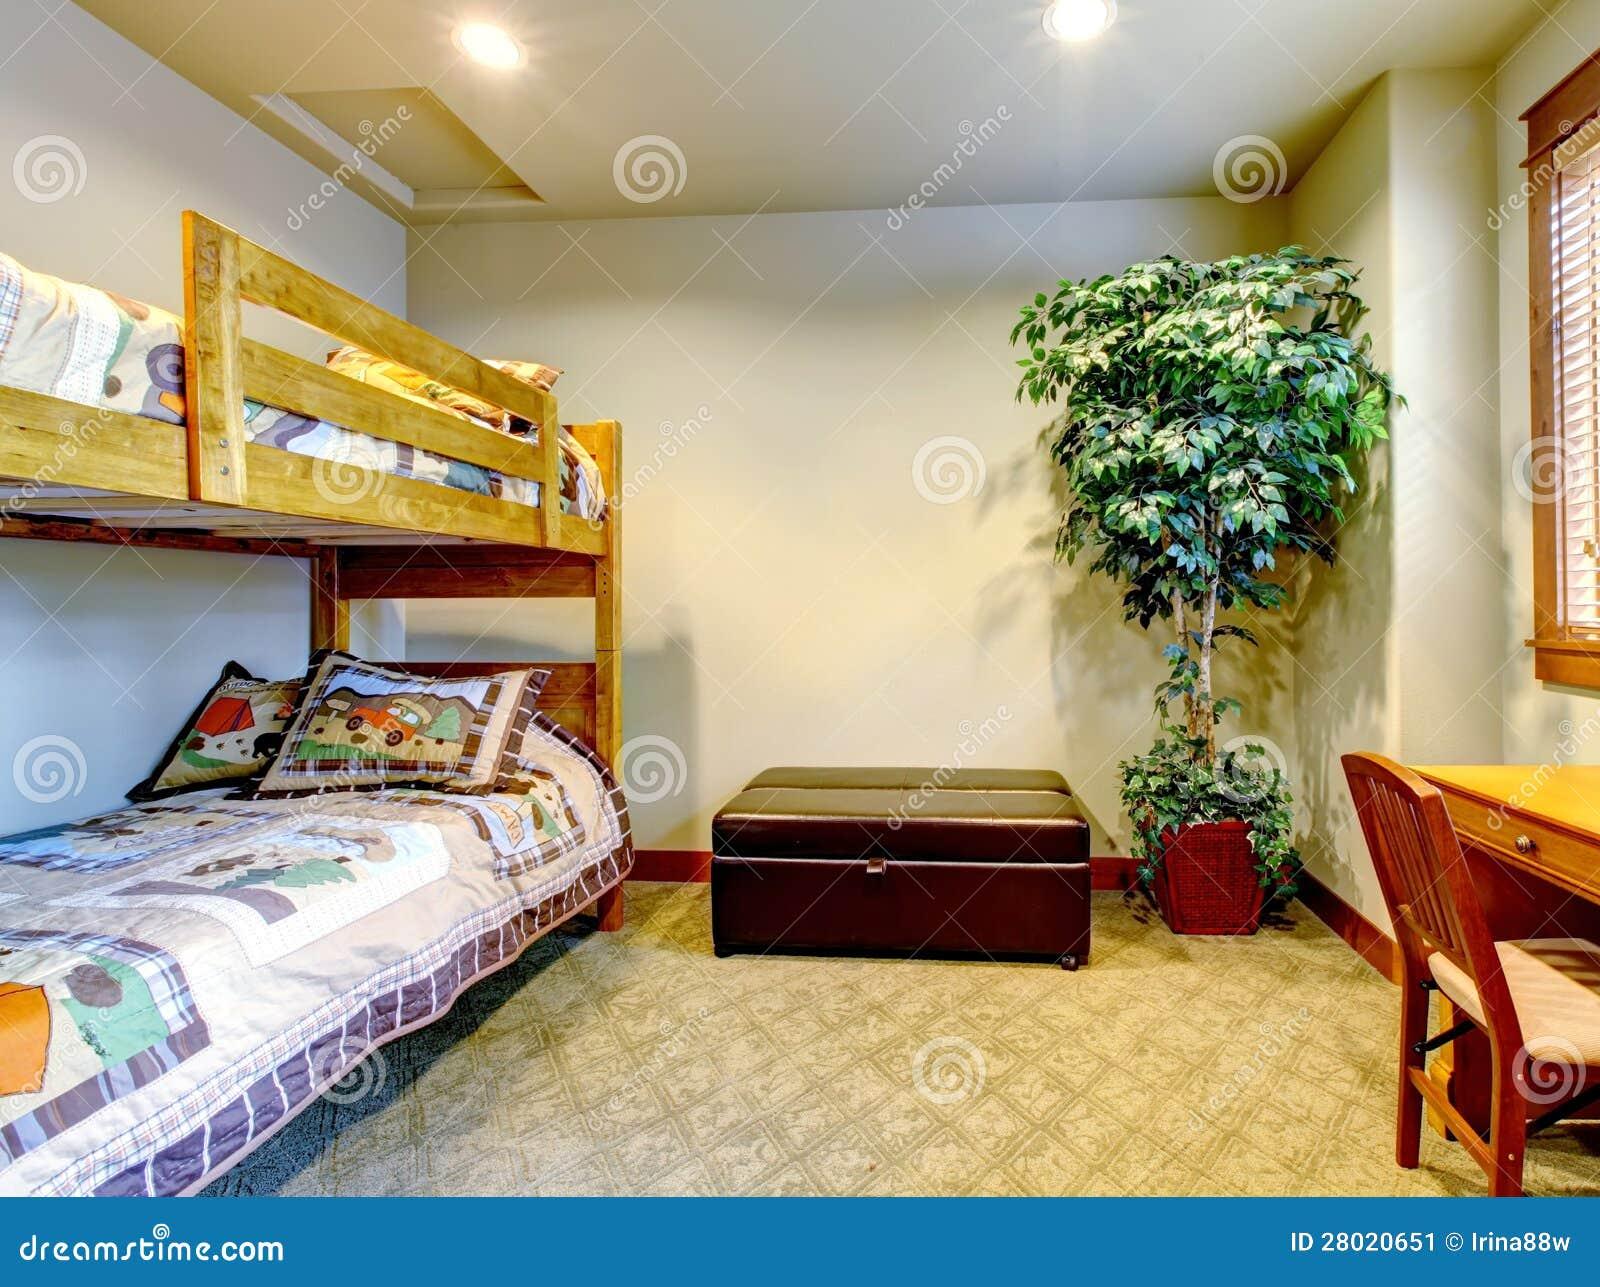 Slaapkamer met kinderen tweepersoonsbed met bureau. stock ...